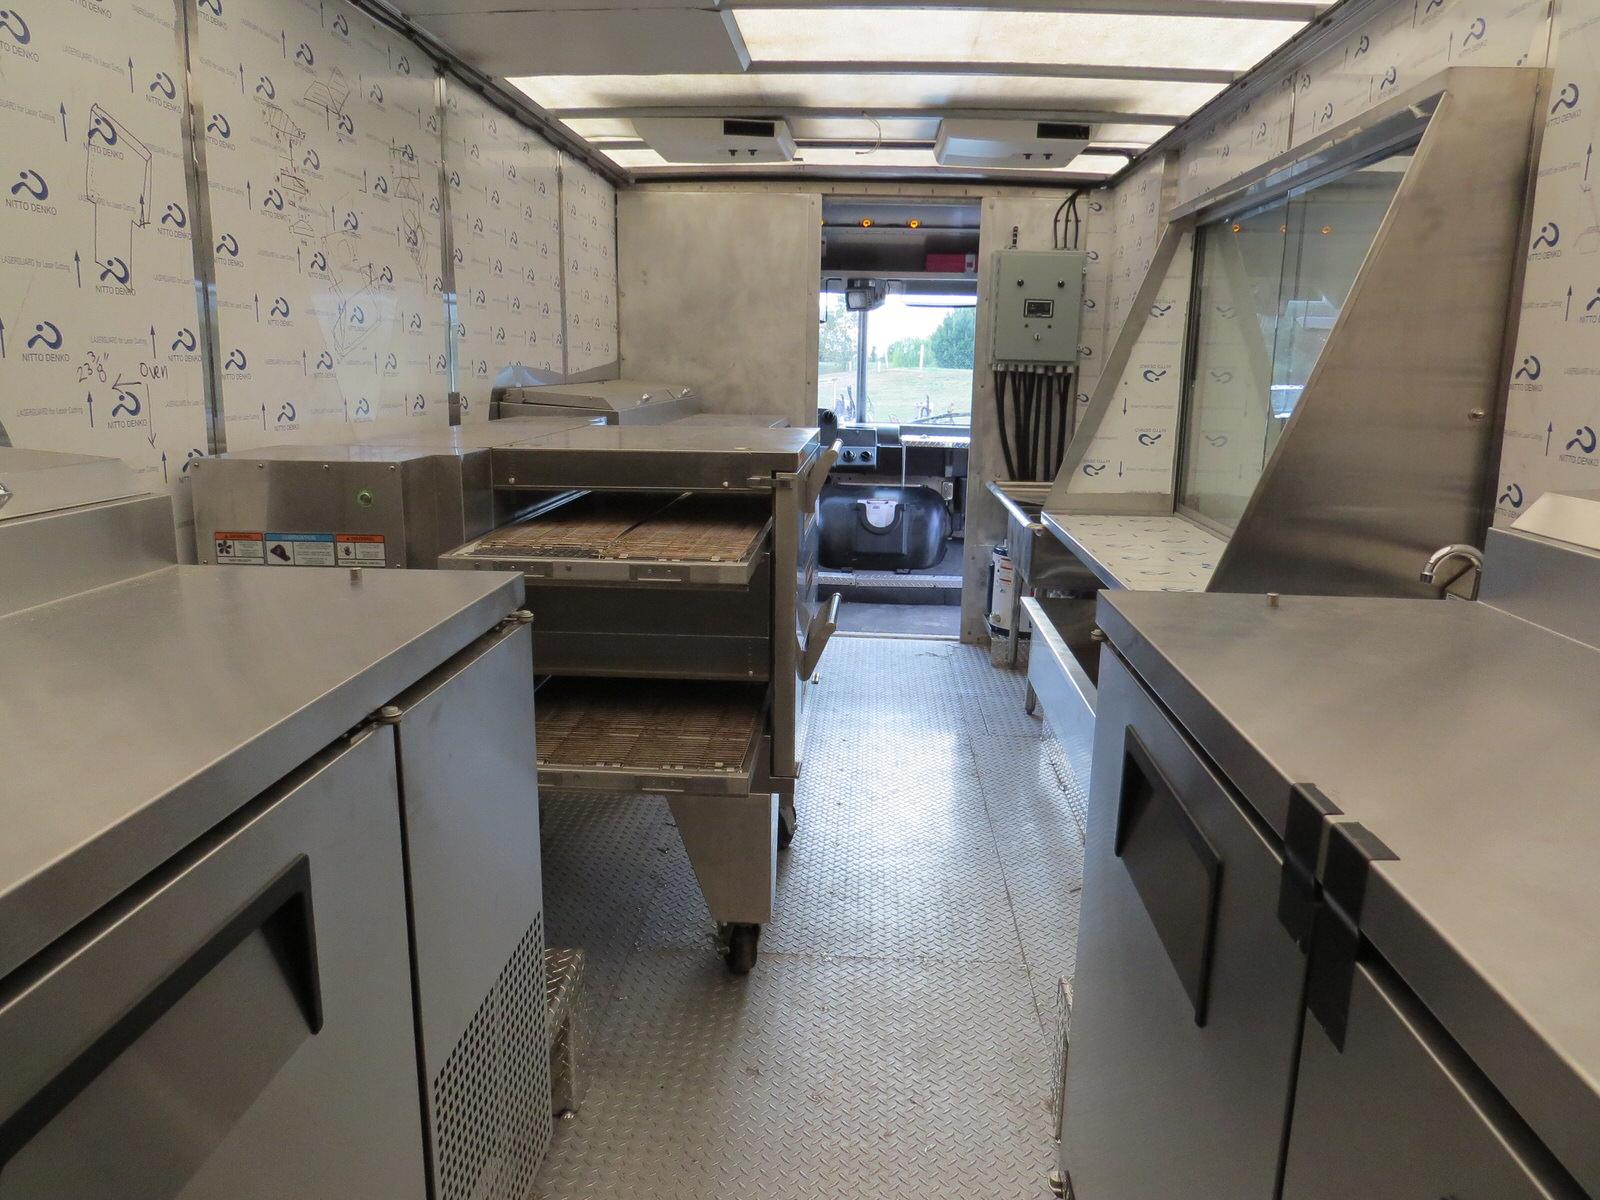 Brozinni Pizzeria Custom Food Truck  Jezroc Metalworks